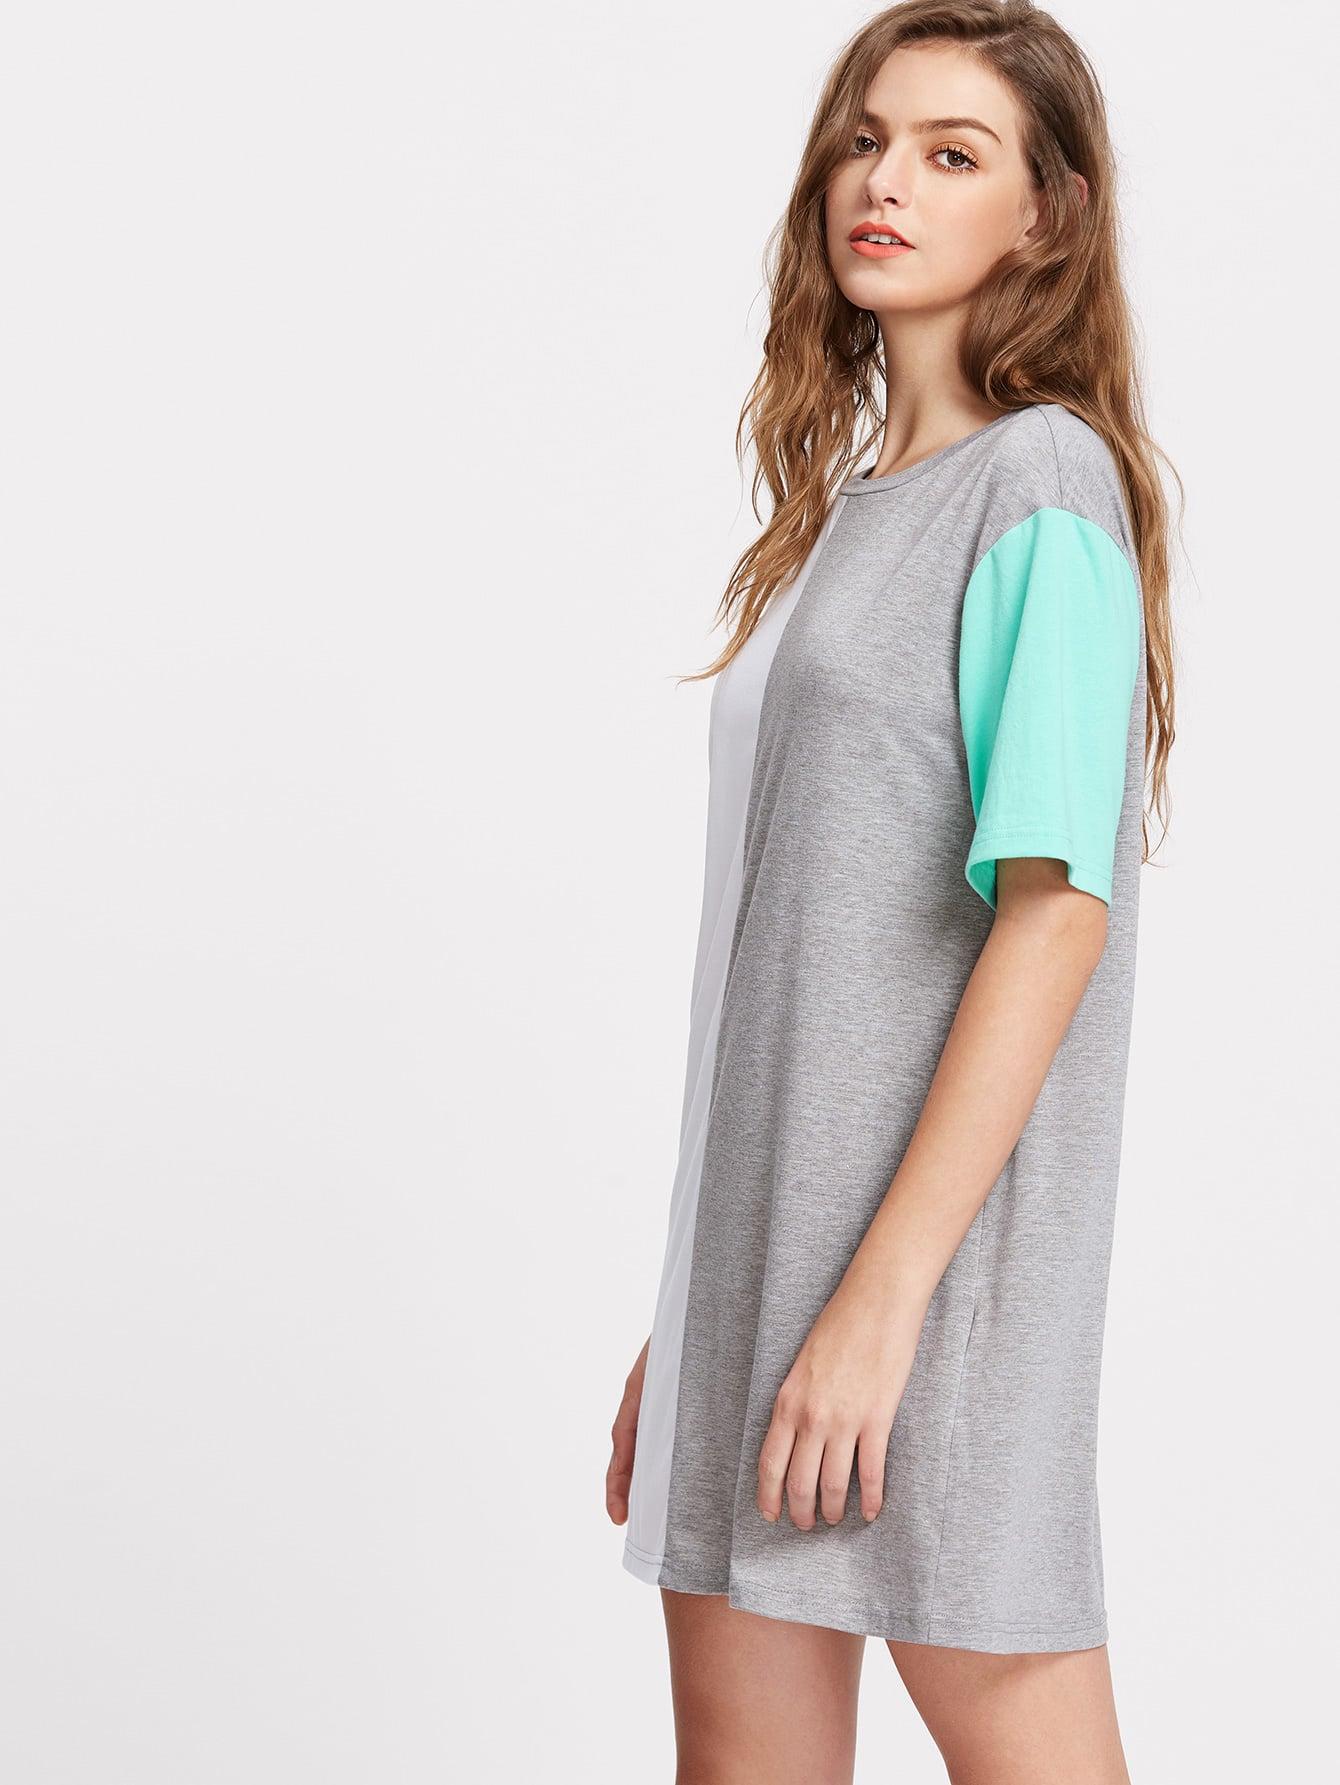 dress170323701_2